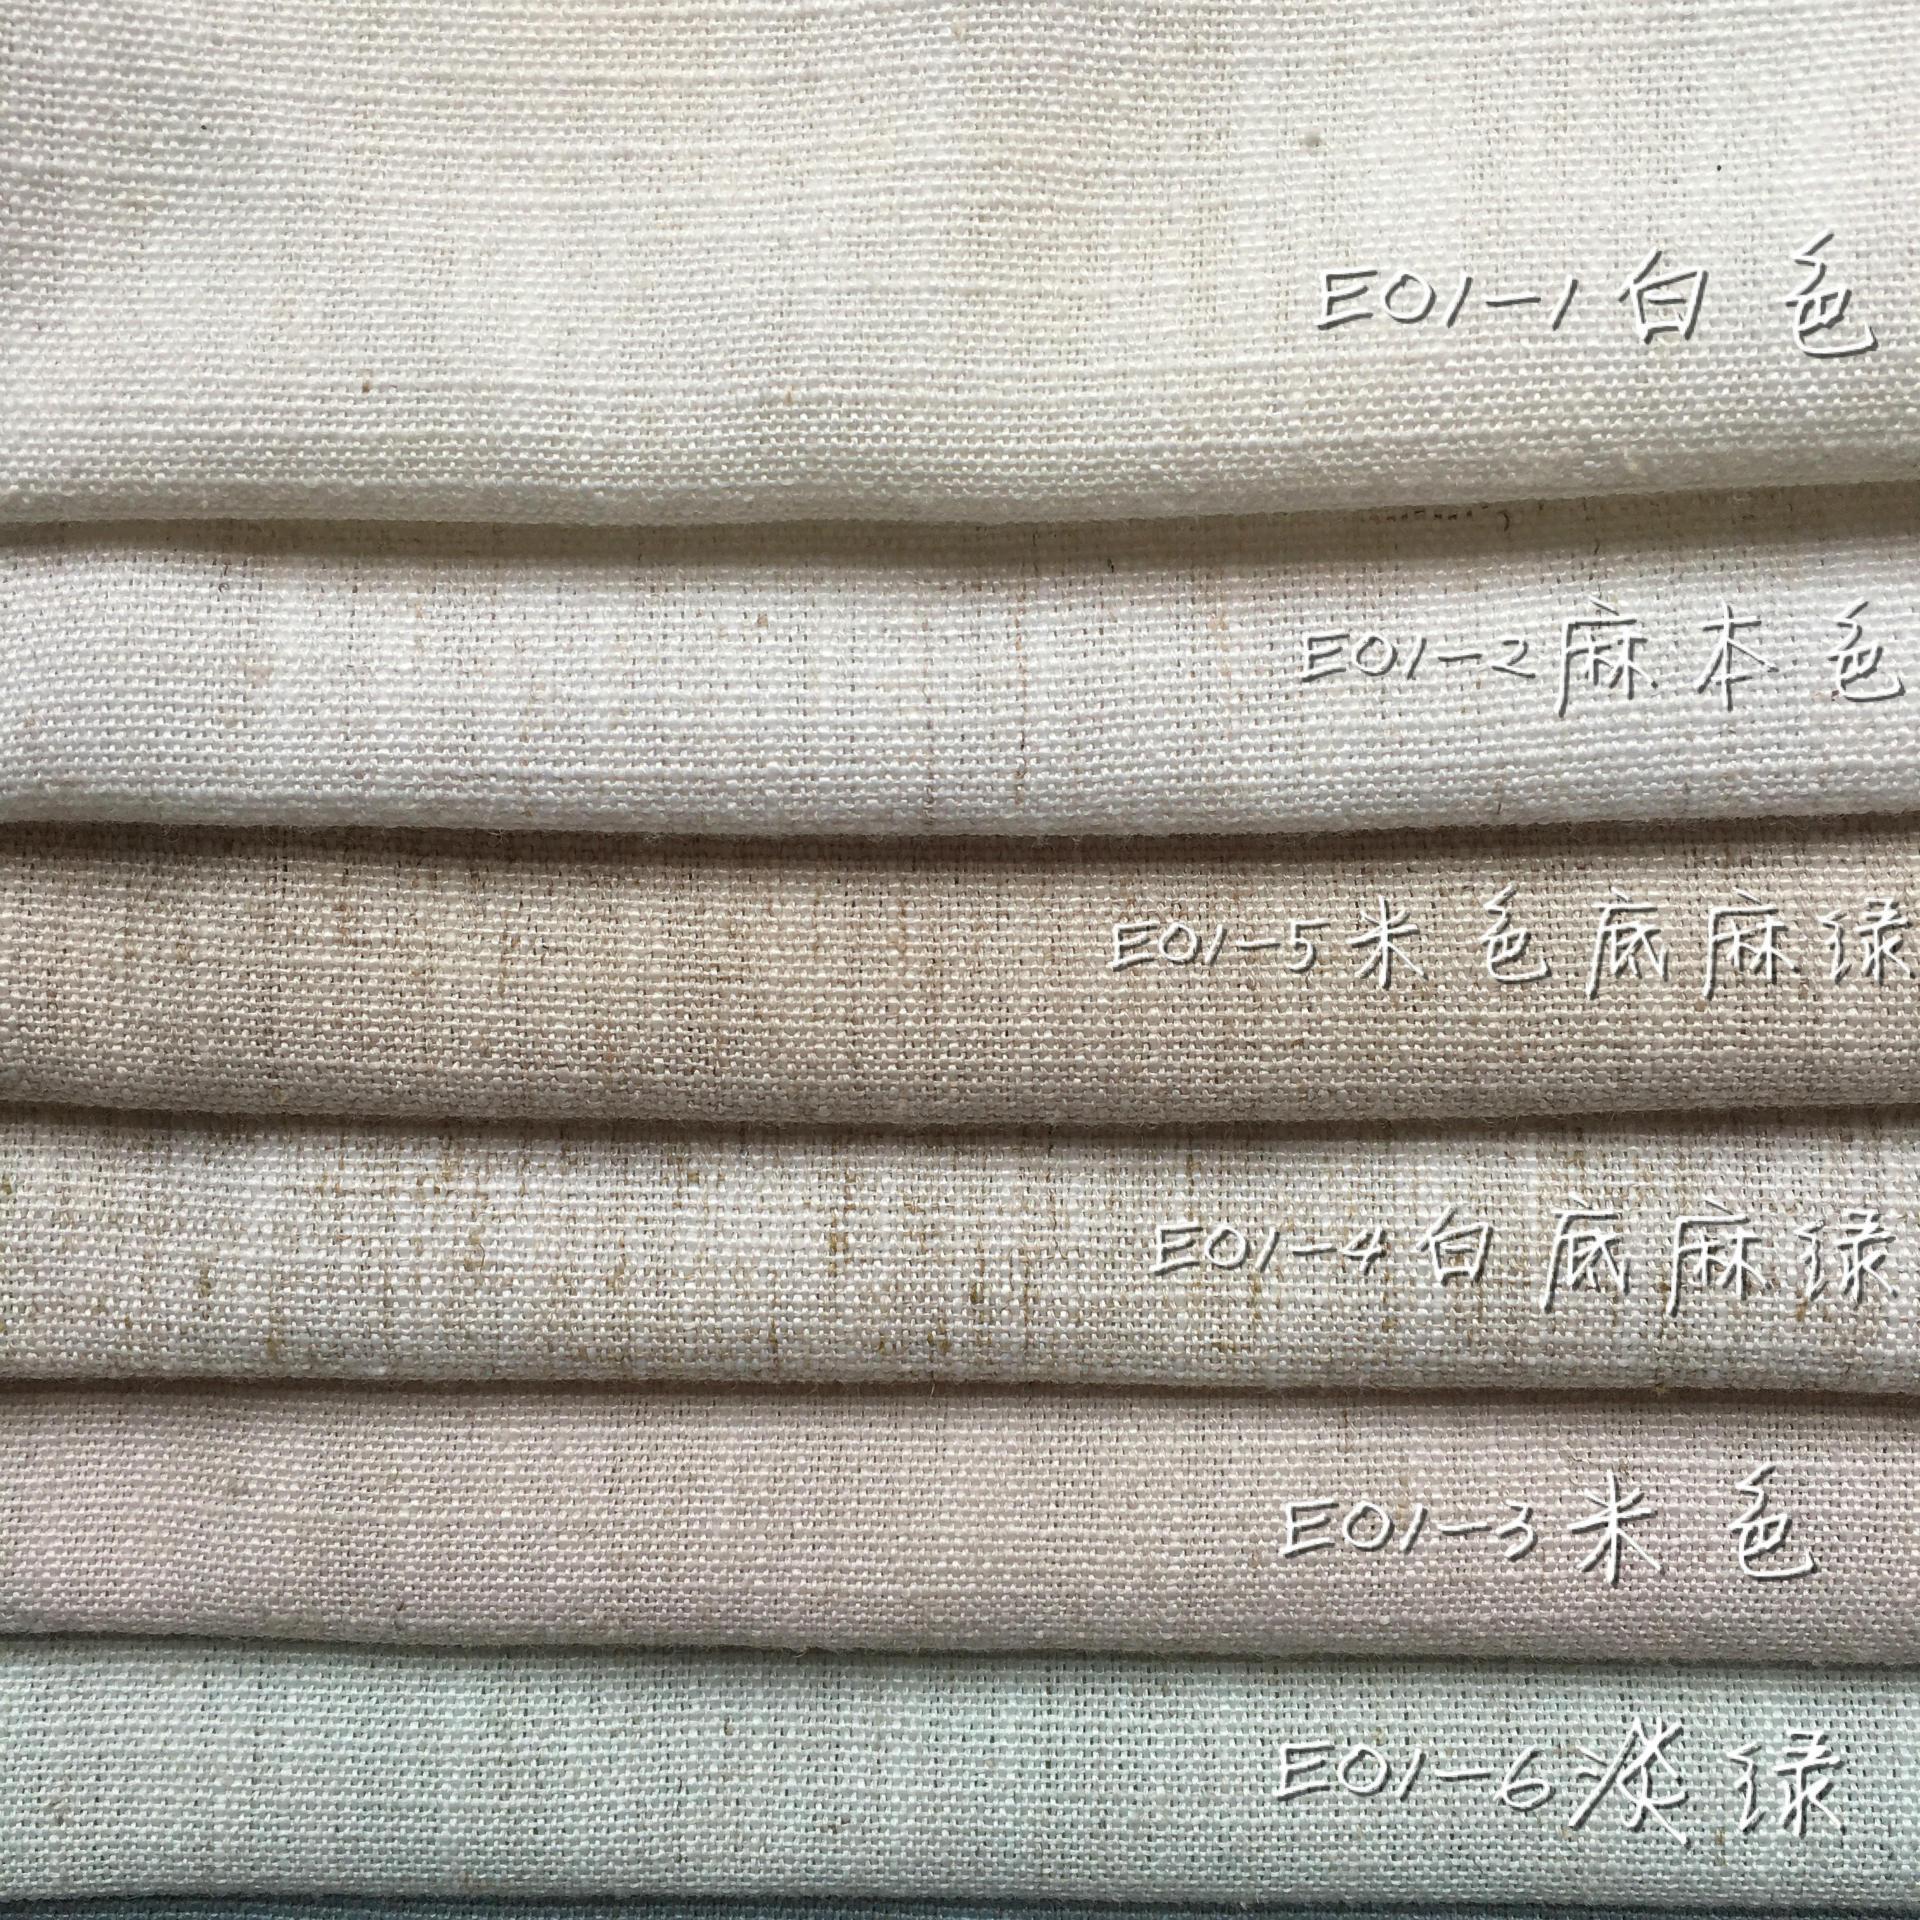 厂家直销素麻花花式美式窗帘亚麻细棉麻单色简约窗帘布料